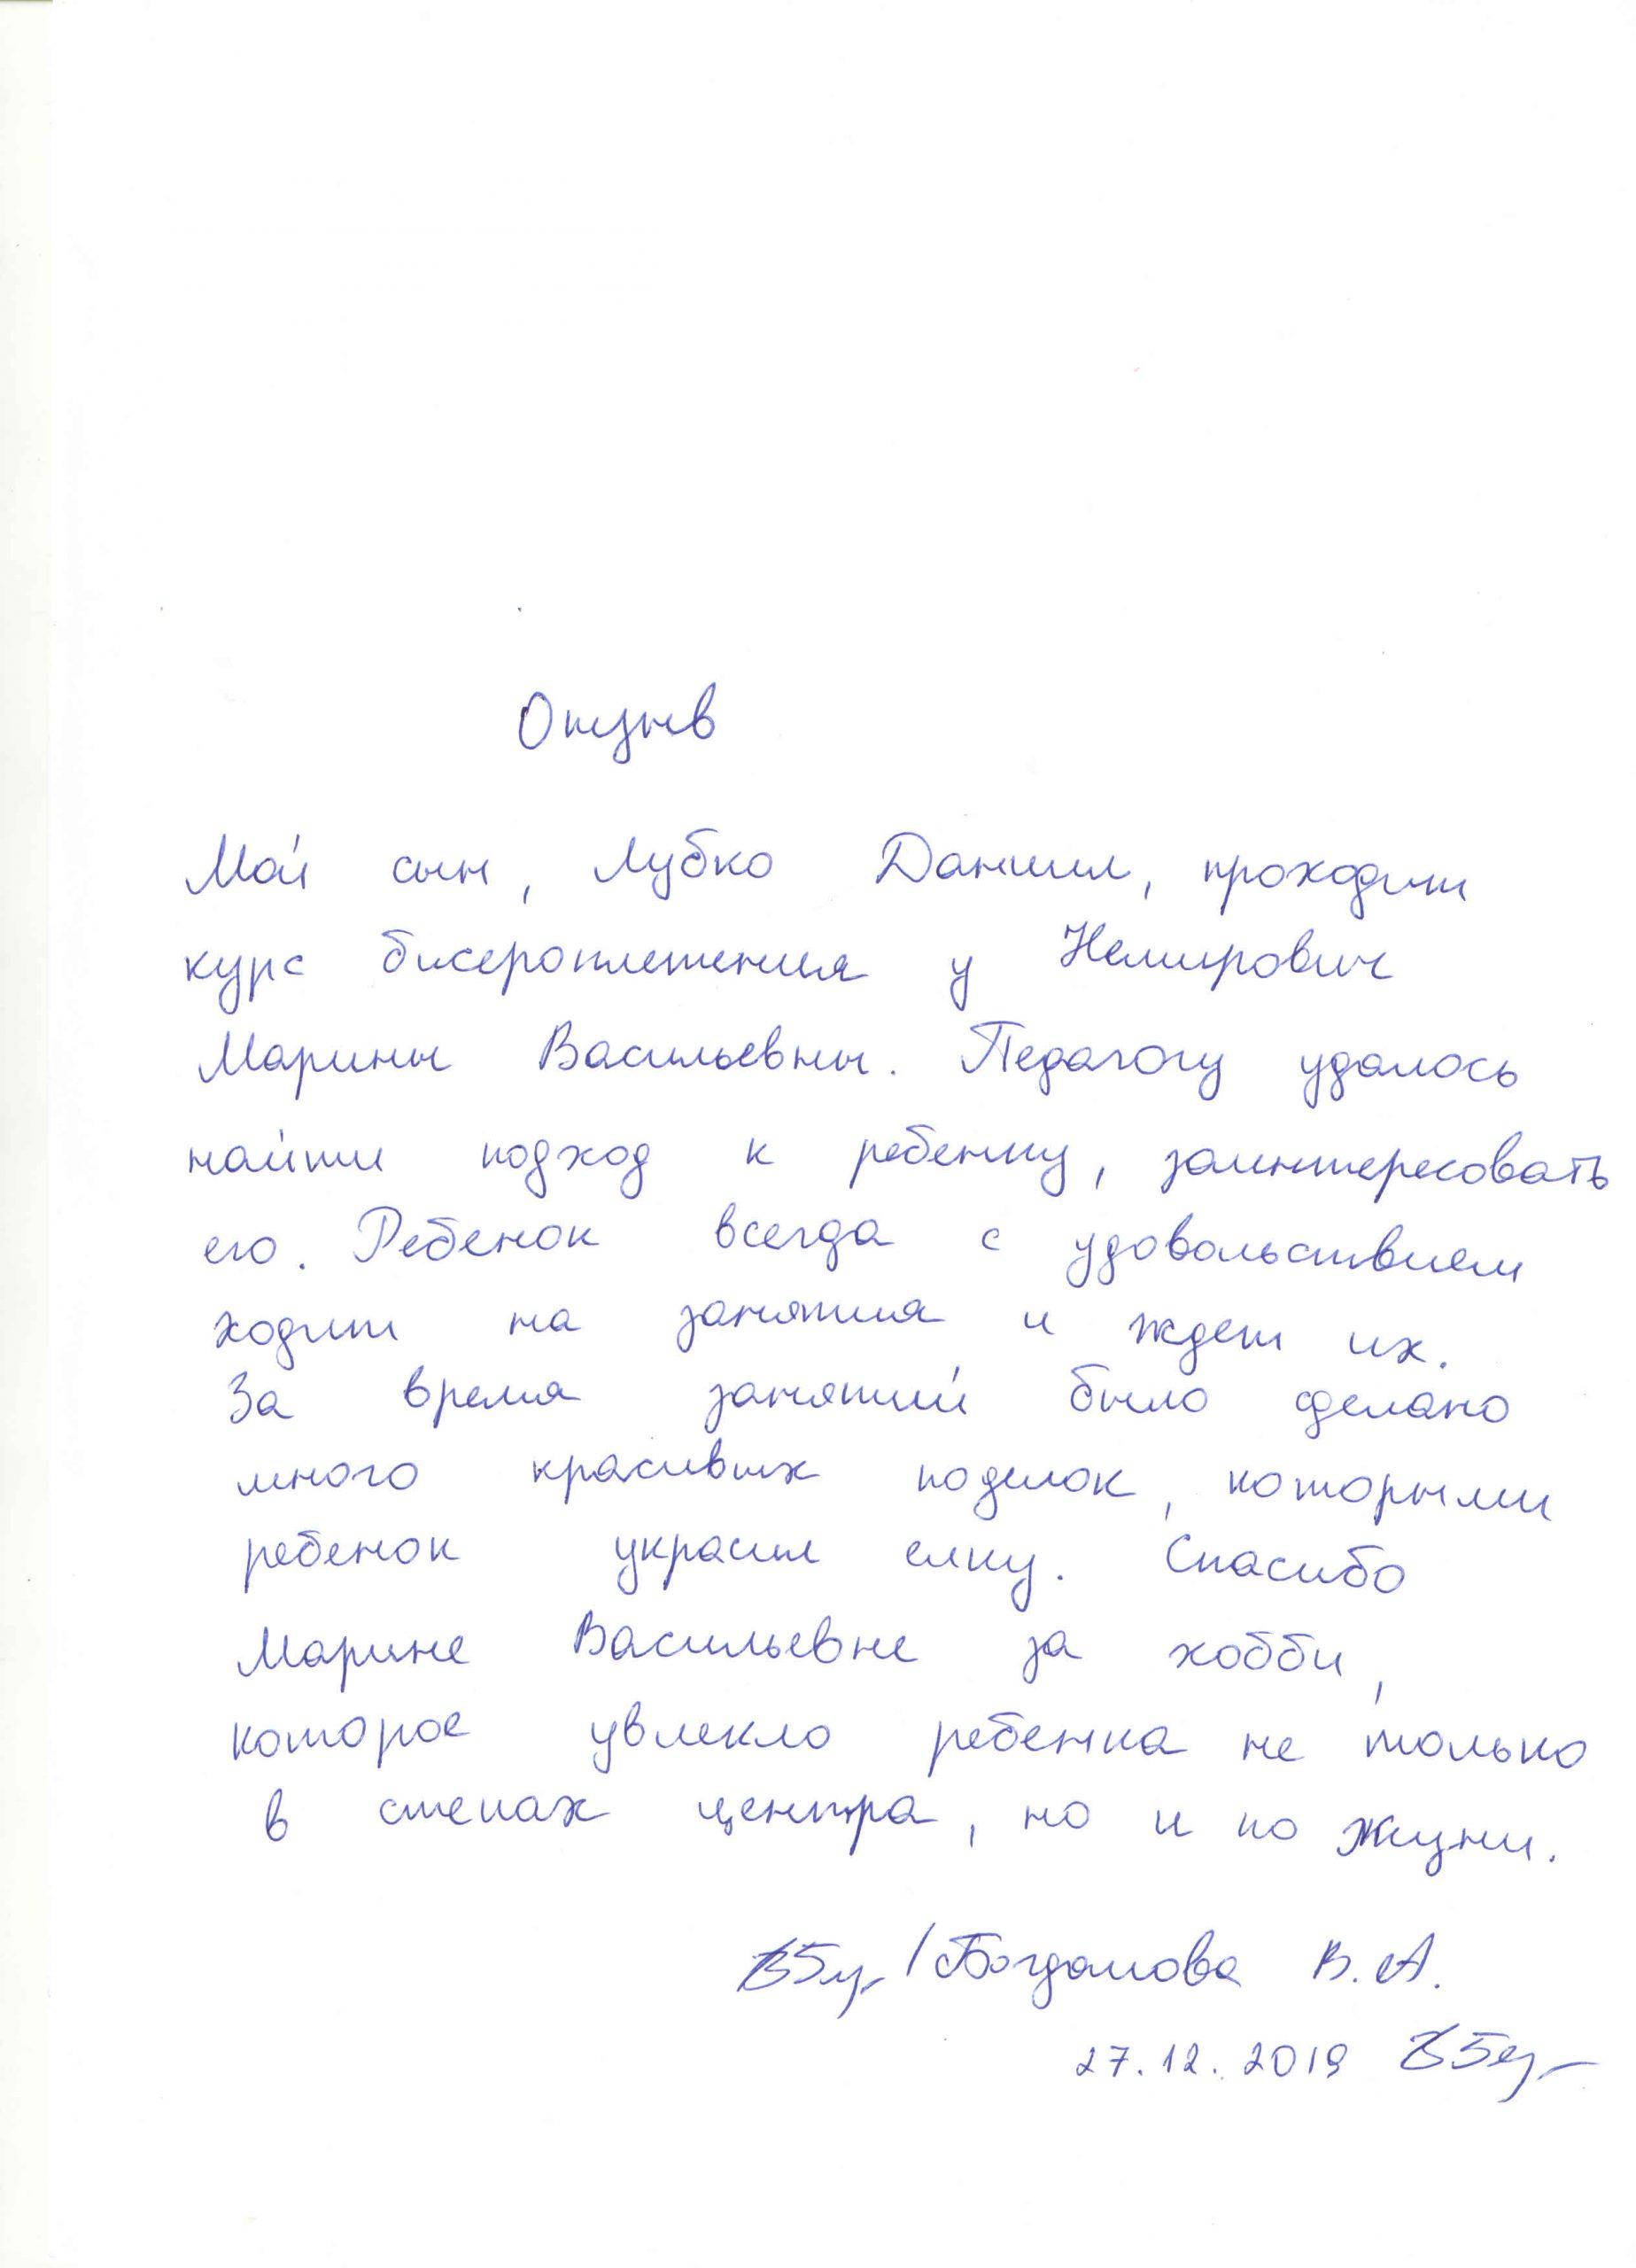 Немирович, 27.12.2019